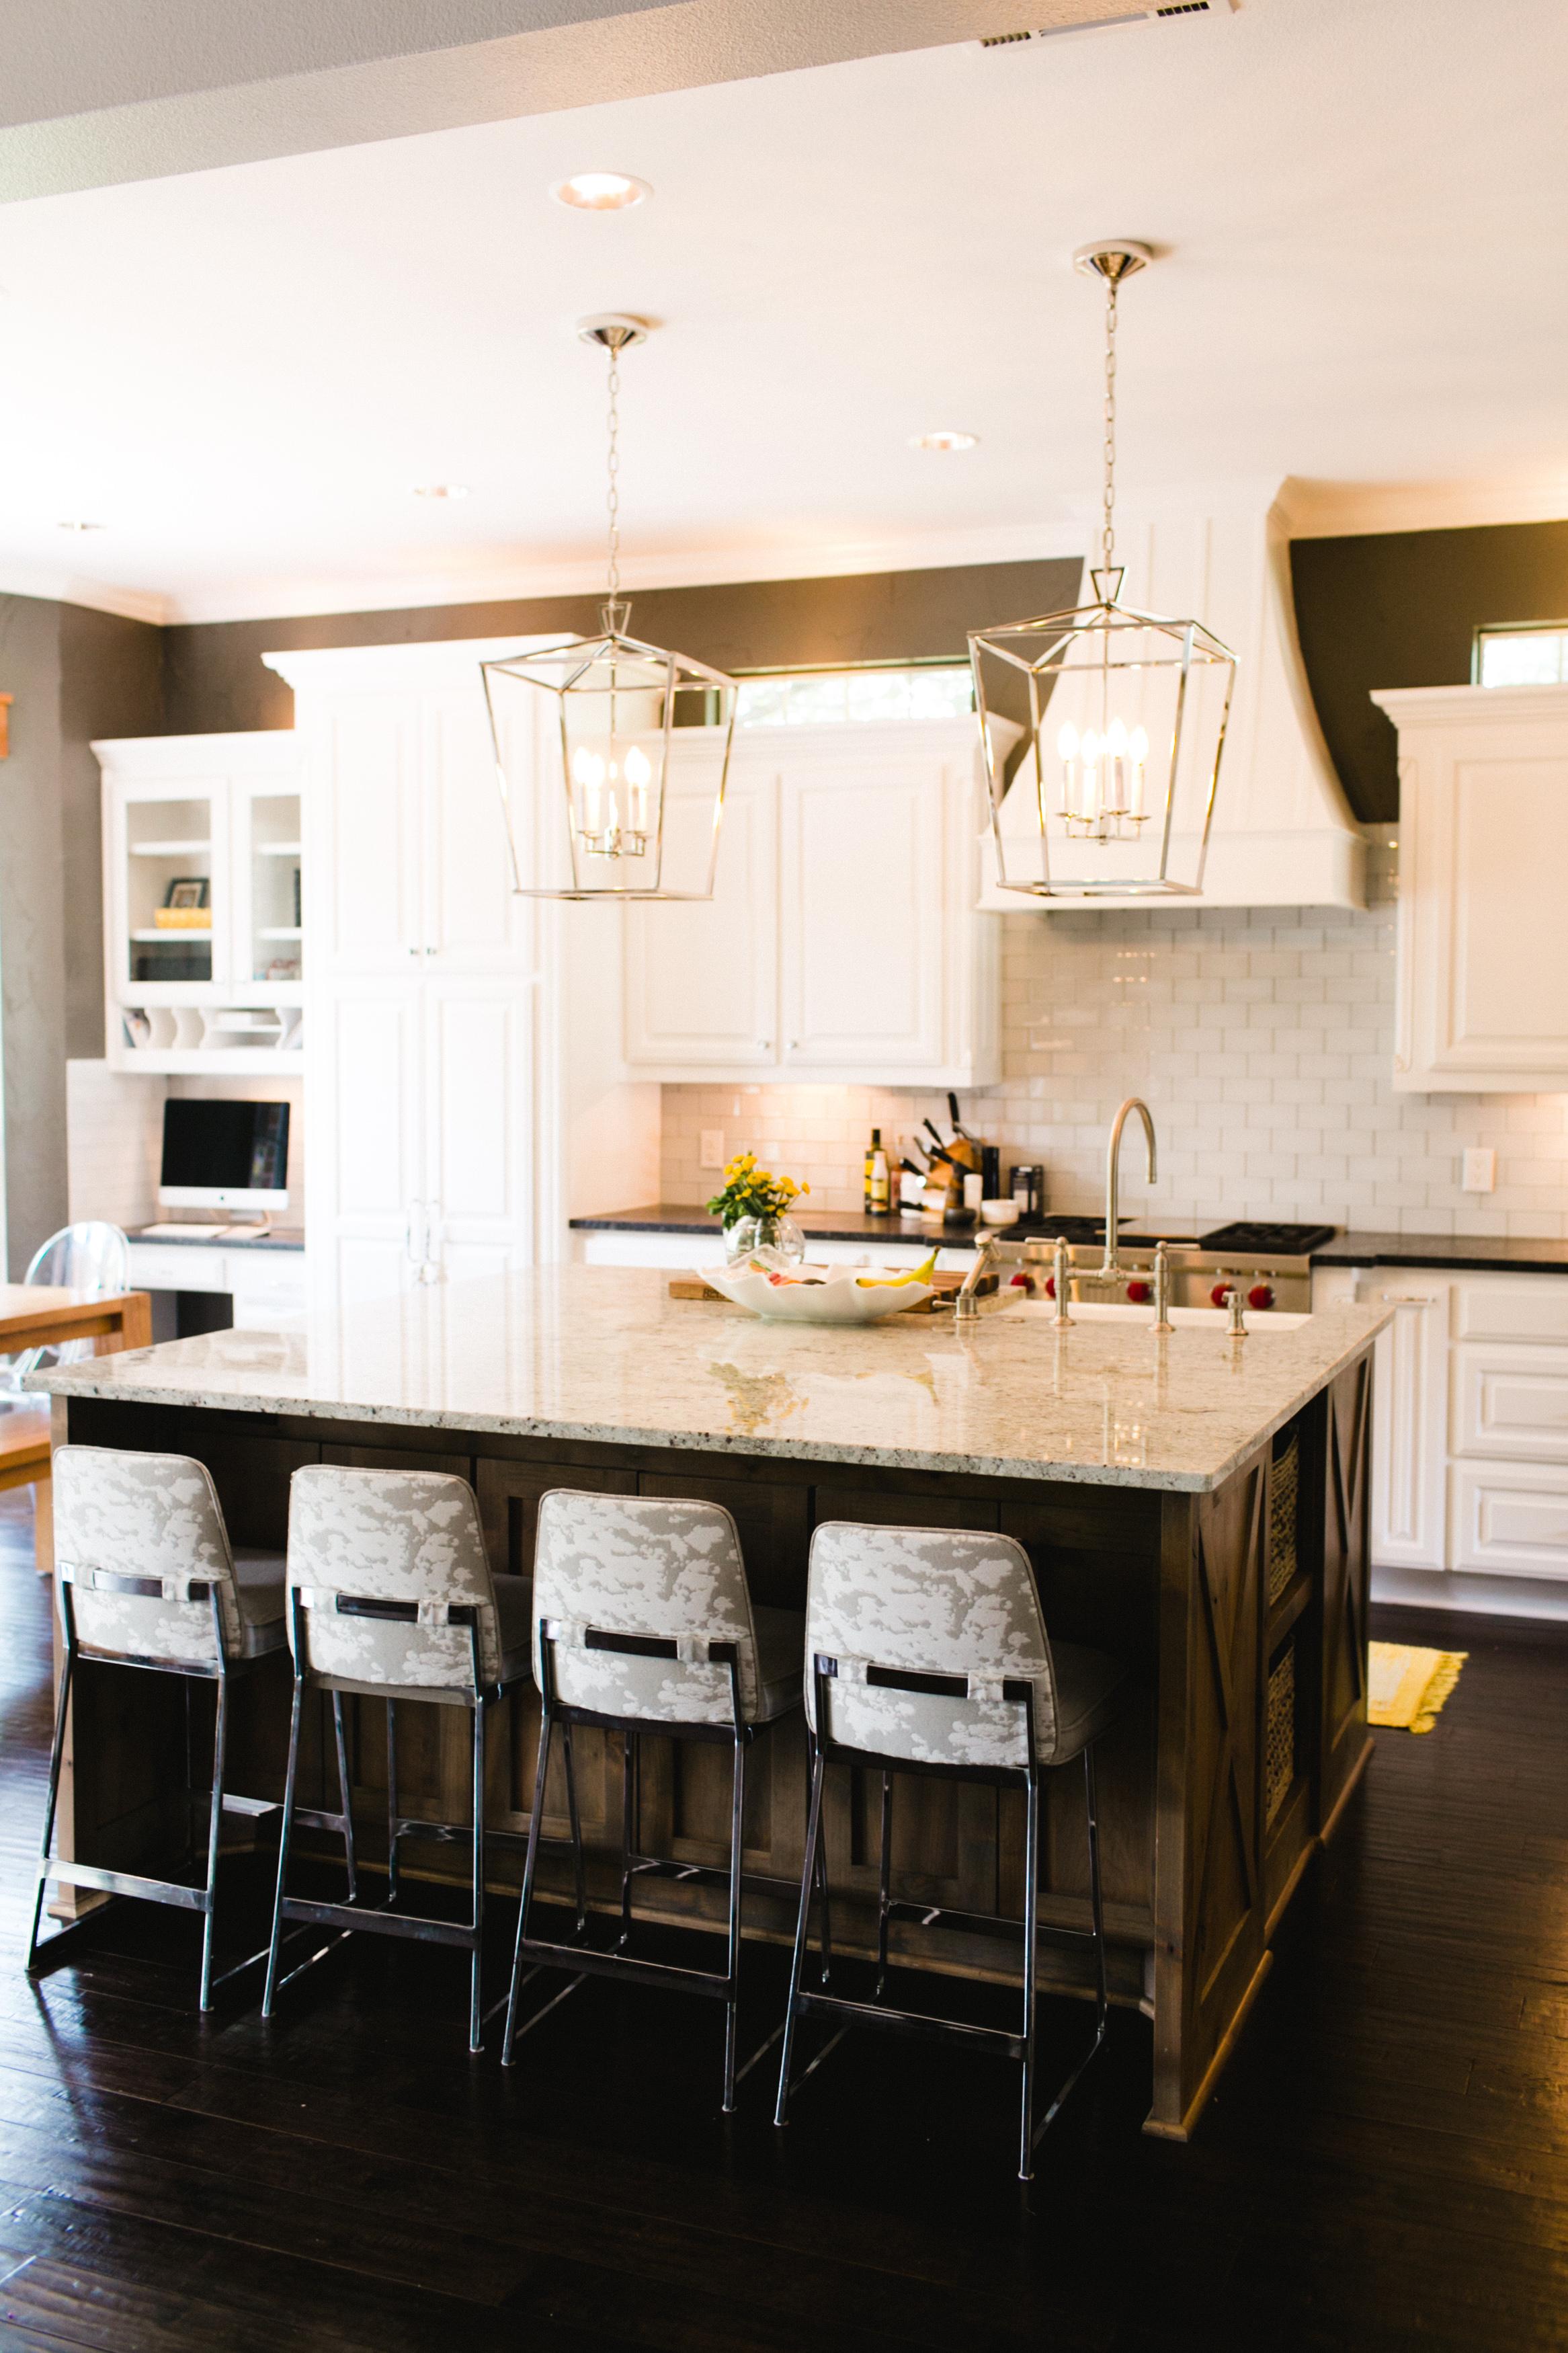 Southlake Kitchen Remodel2.jpg